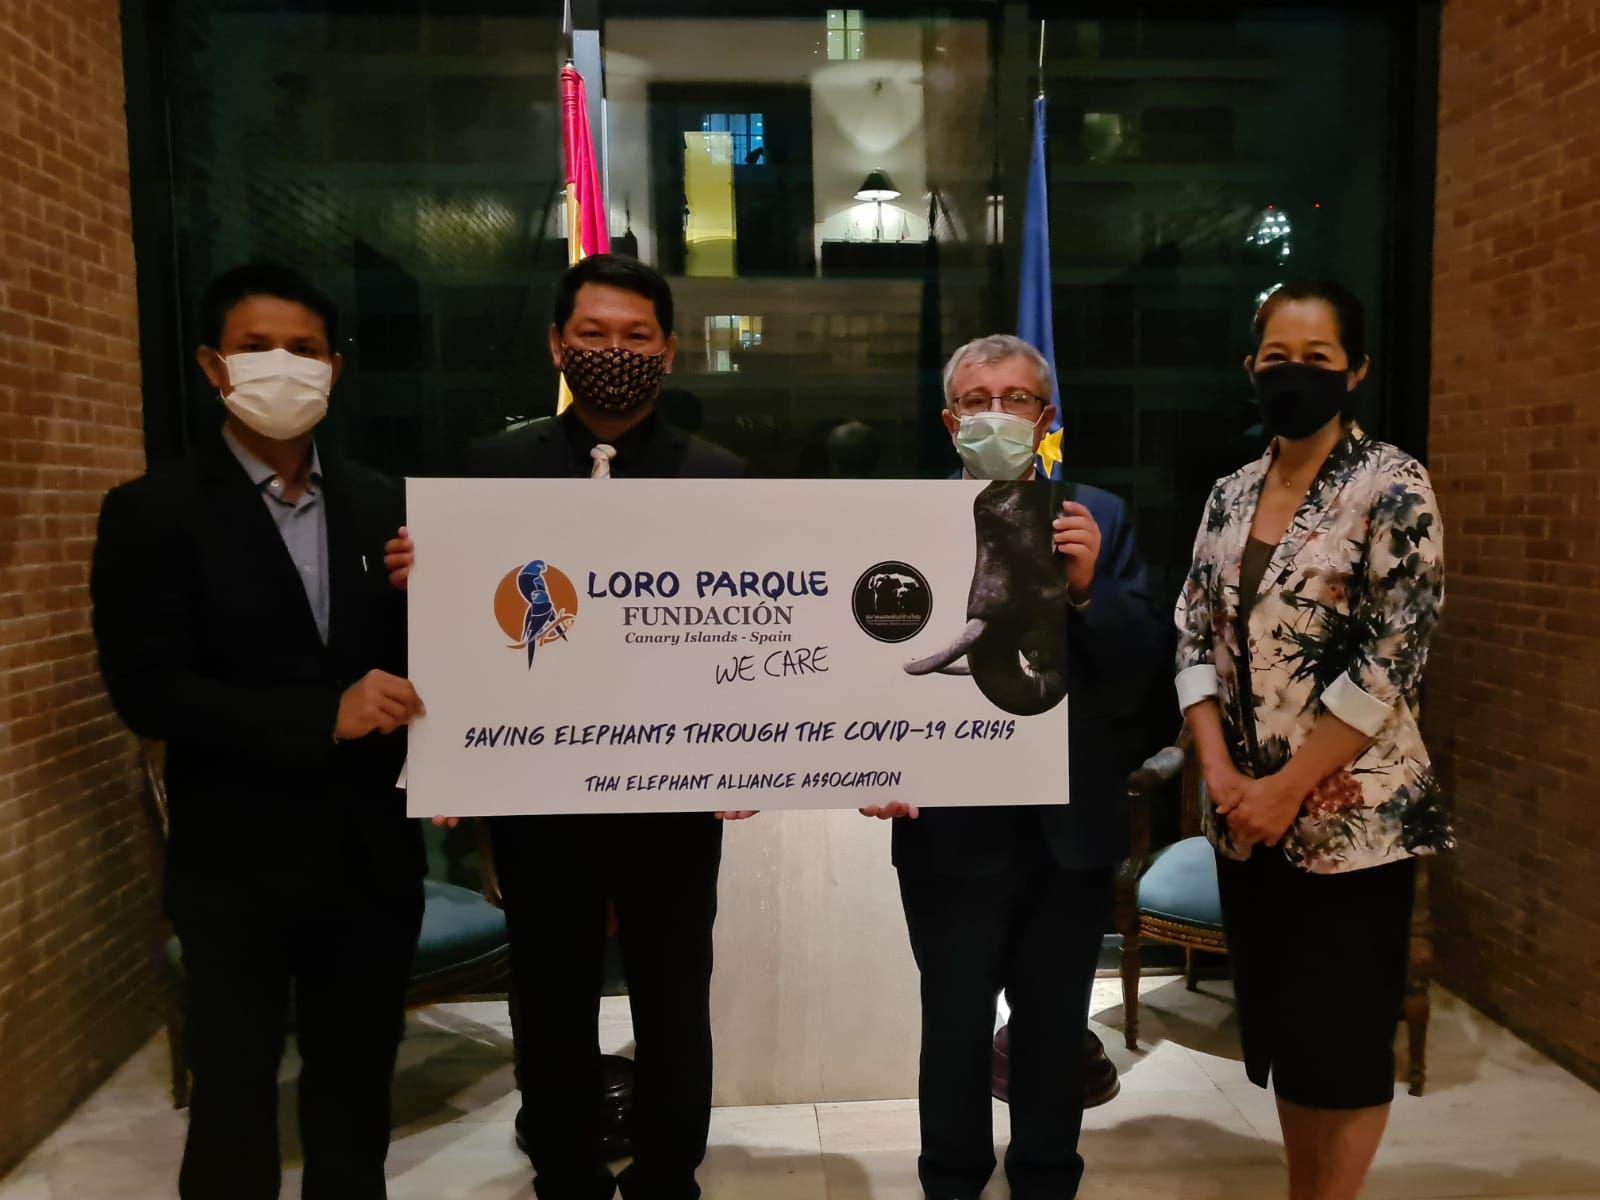 Fotografia Loro Parque Fundación hace una donación para proteger a